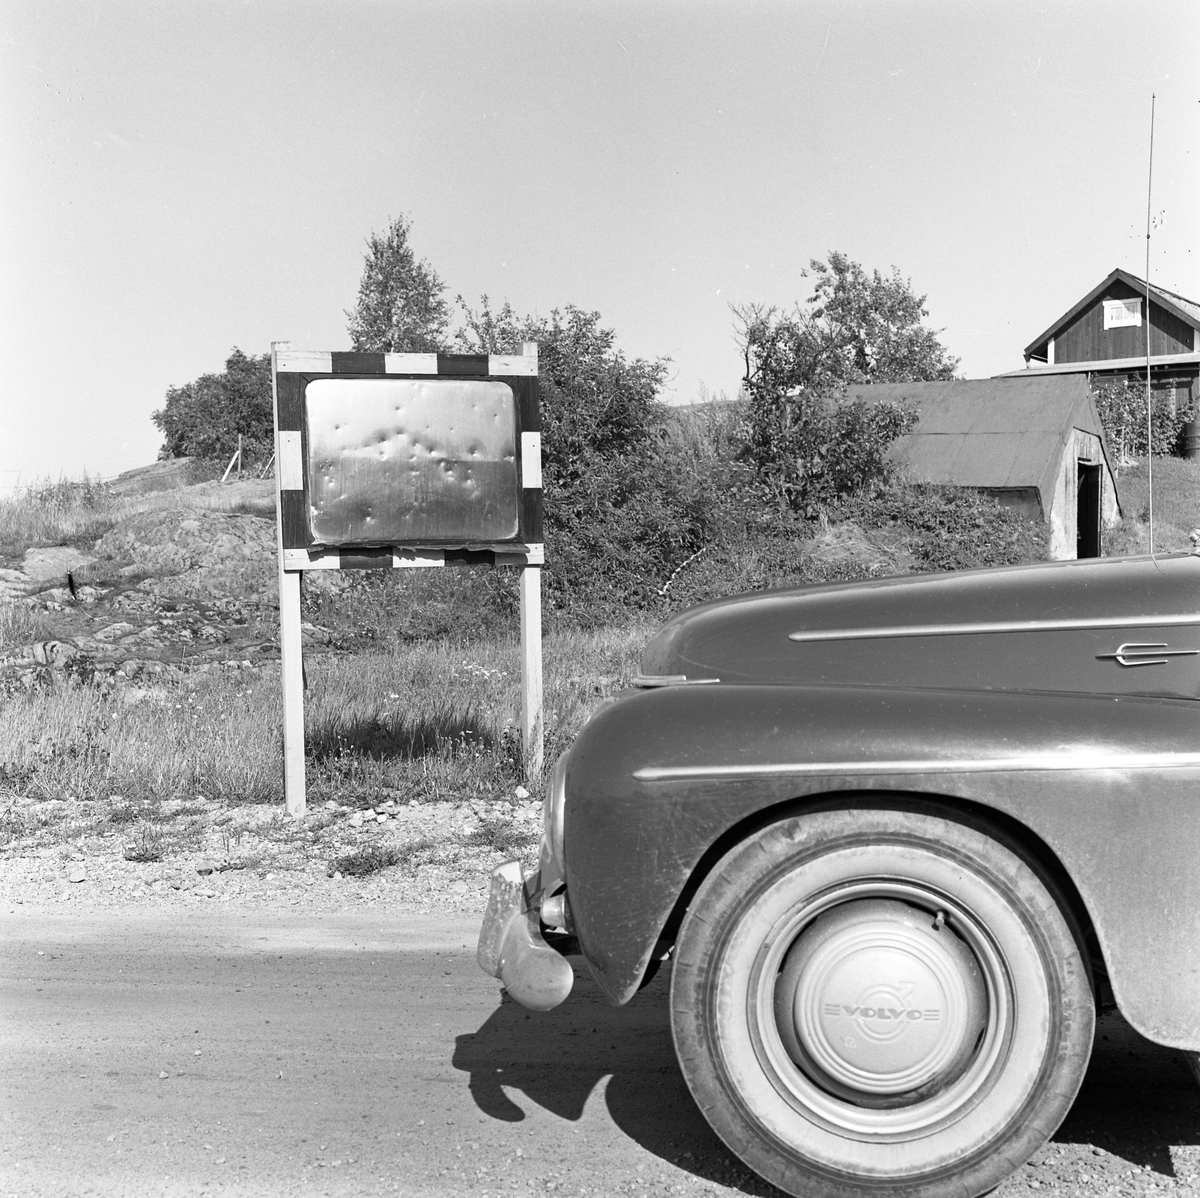 """Motorhuven på en bil. Bilen färdas på en grusväg. En övervakningsspegel / """"skvallerspegel"""" är uppsatt i vägrenen. Bortanför bilen ses två byggnader i en backe. Det ena huset är ett boningshus."""